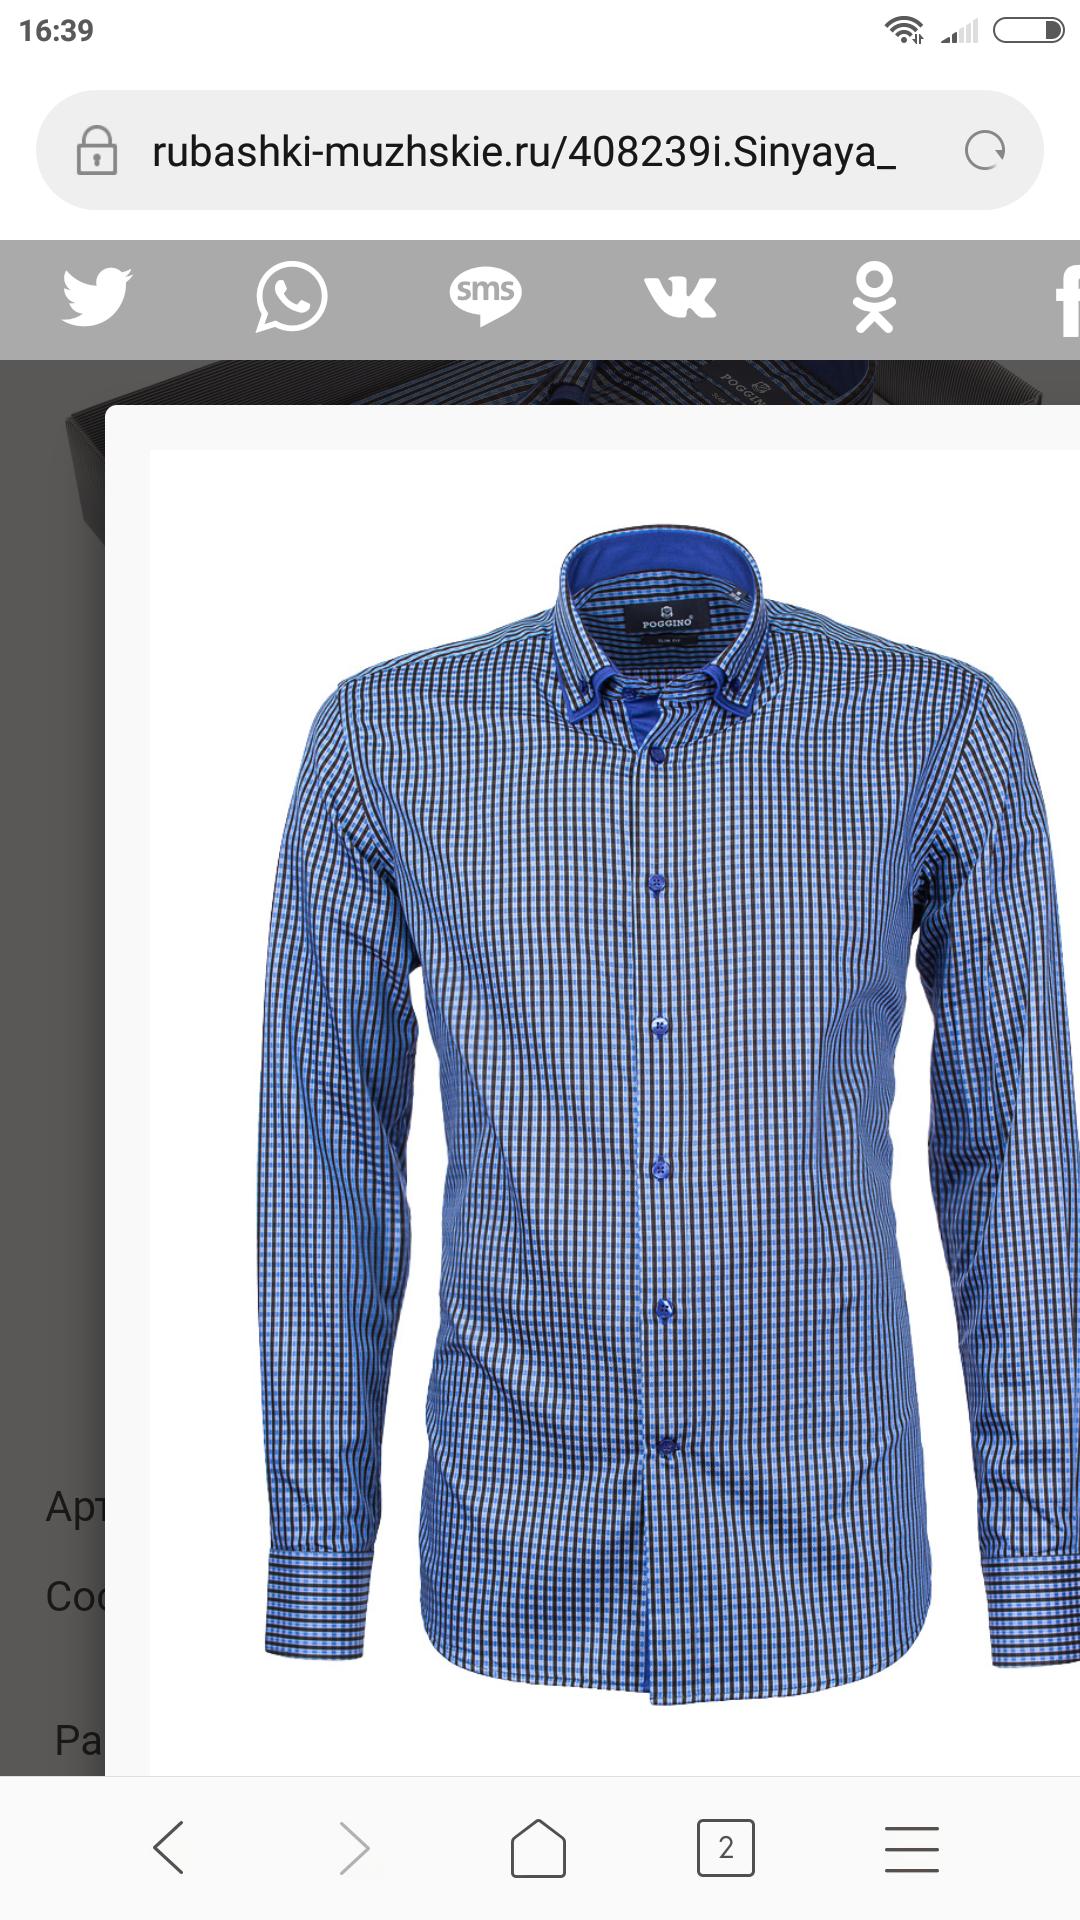 2e5c50dbdb5b18e Разрешите я с пристроем.Рубашка Poggino размер xxl,рост 190,ворот  45-46,качество отличное,нам велико .цена 1700рублей,мерить тонкинская или  любой цр.